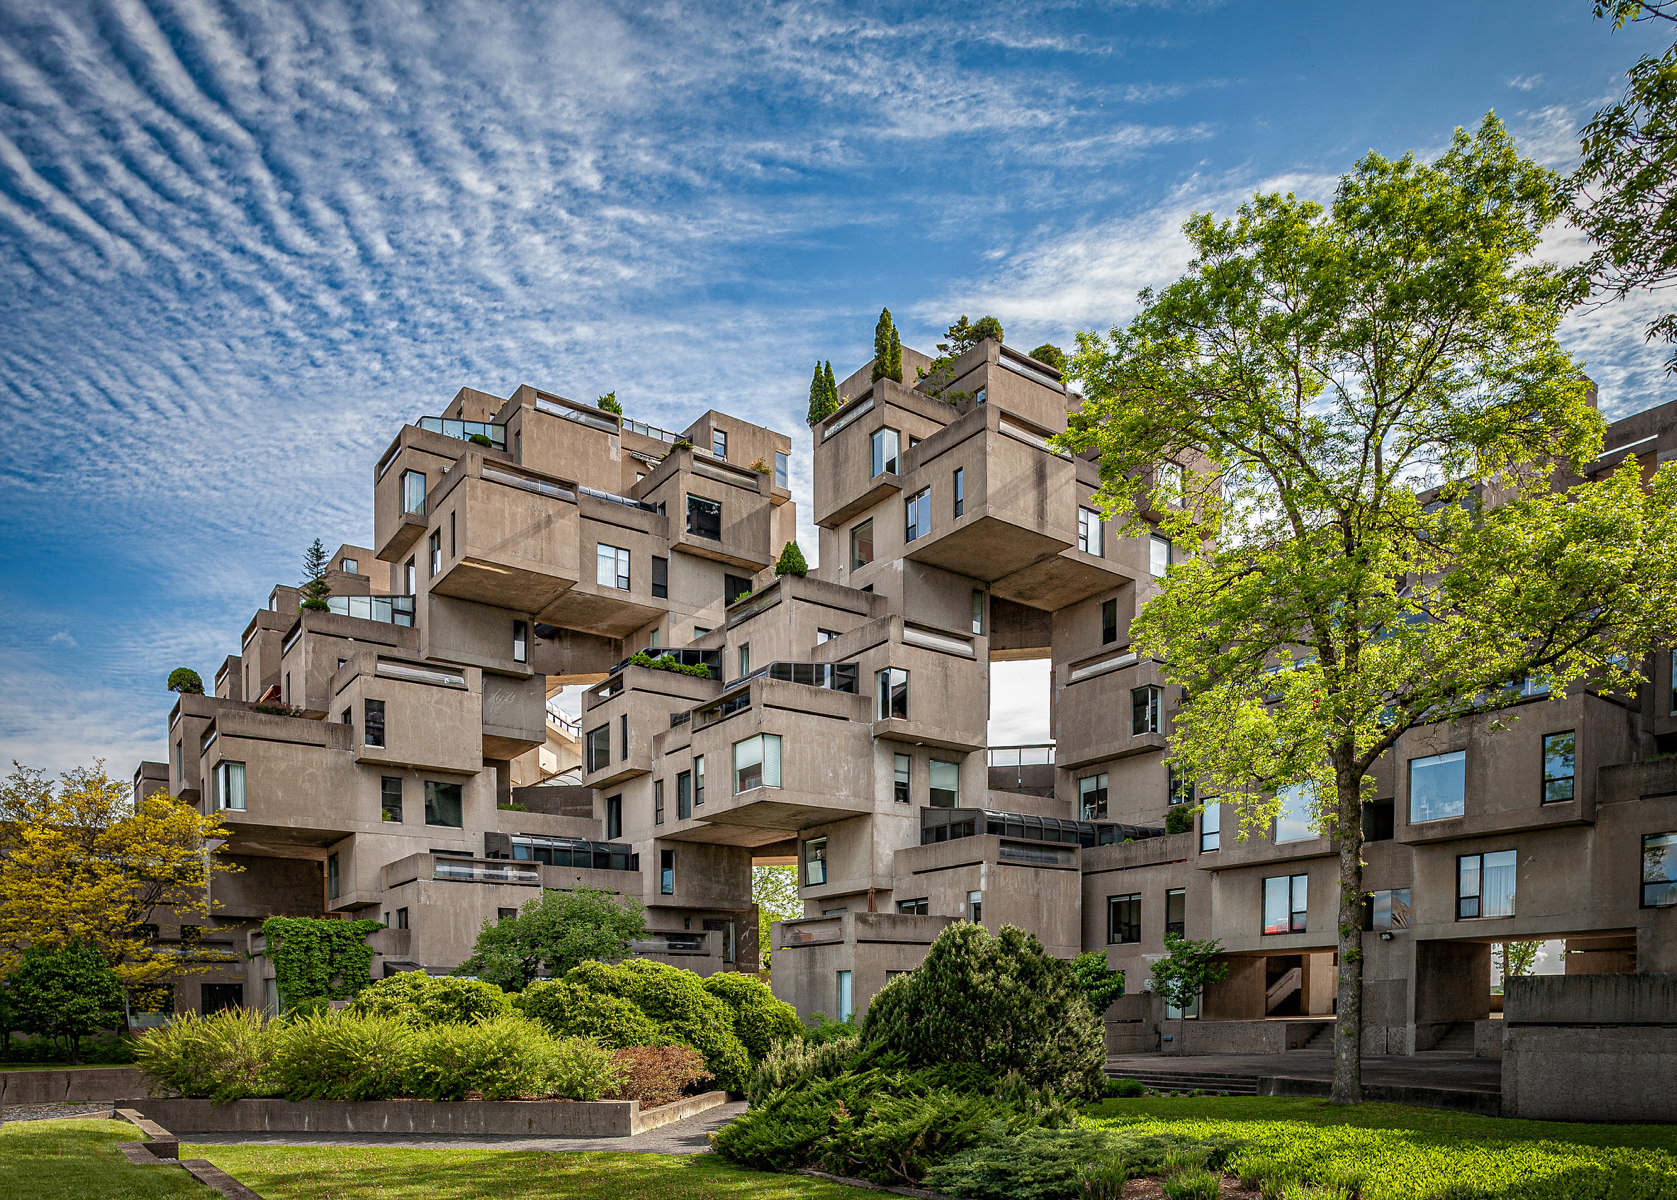 Habitat 67 (1967)  Moshe Safdie & Associates, Architects   (photo by Timothy Olcott)